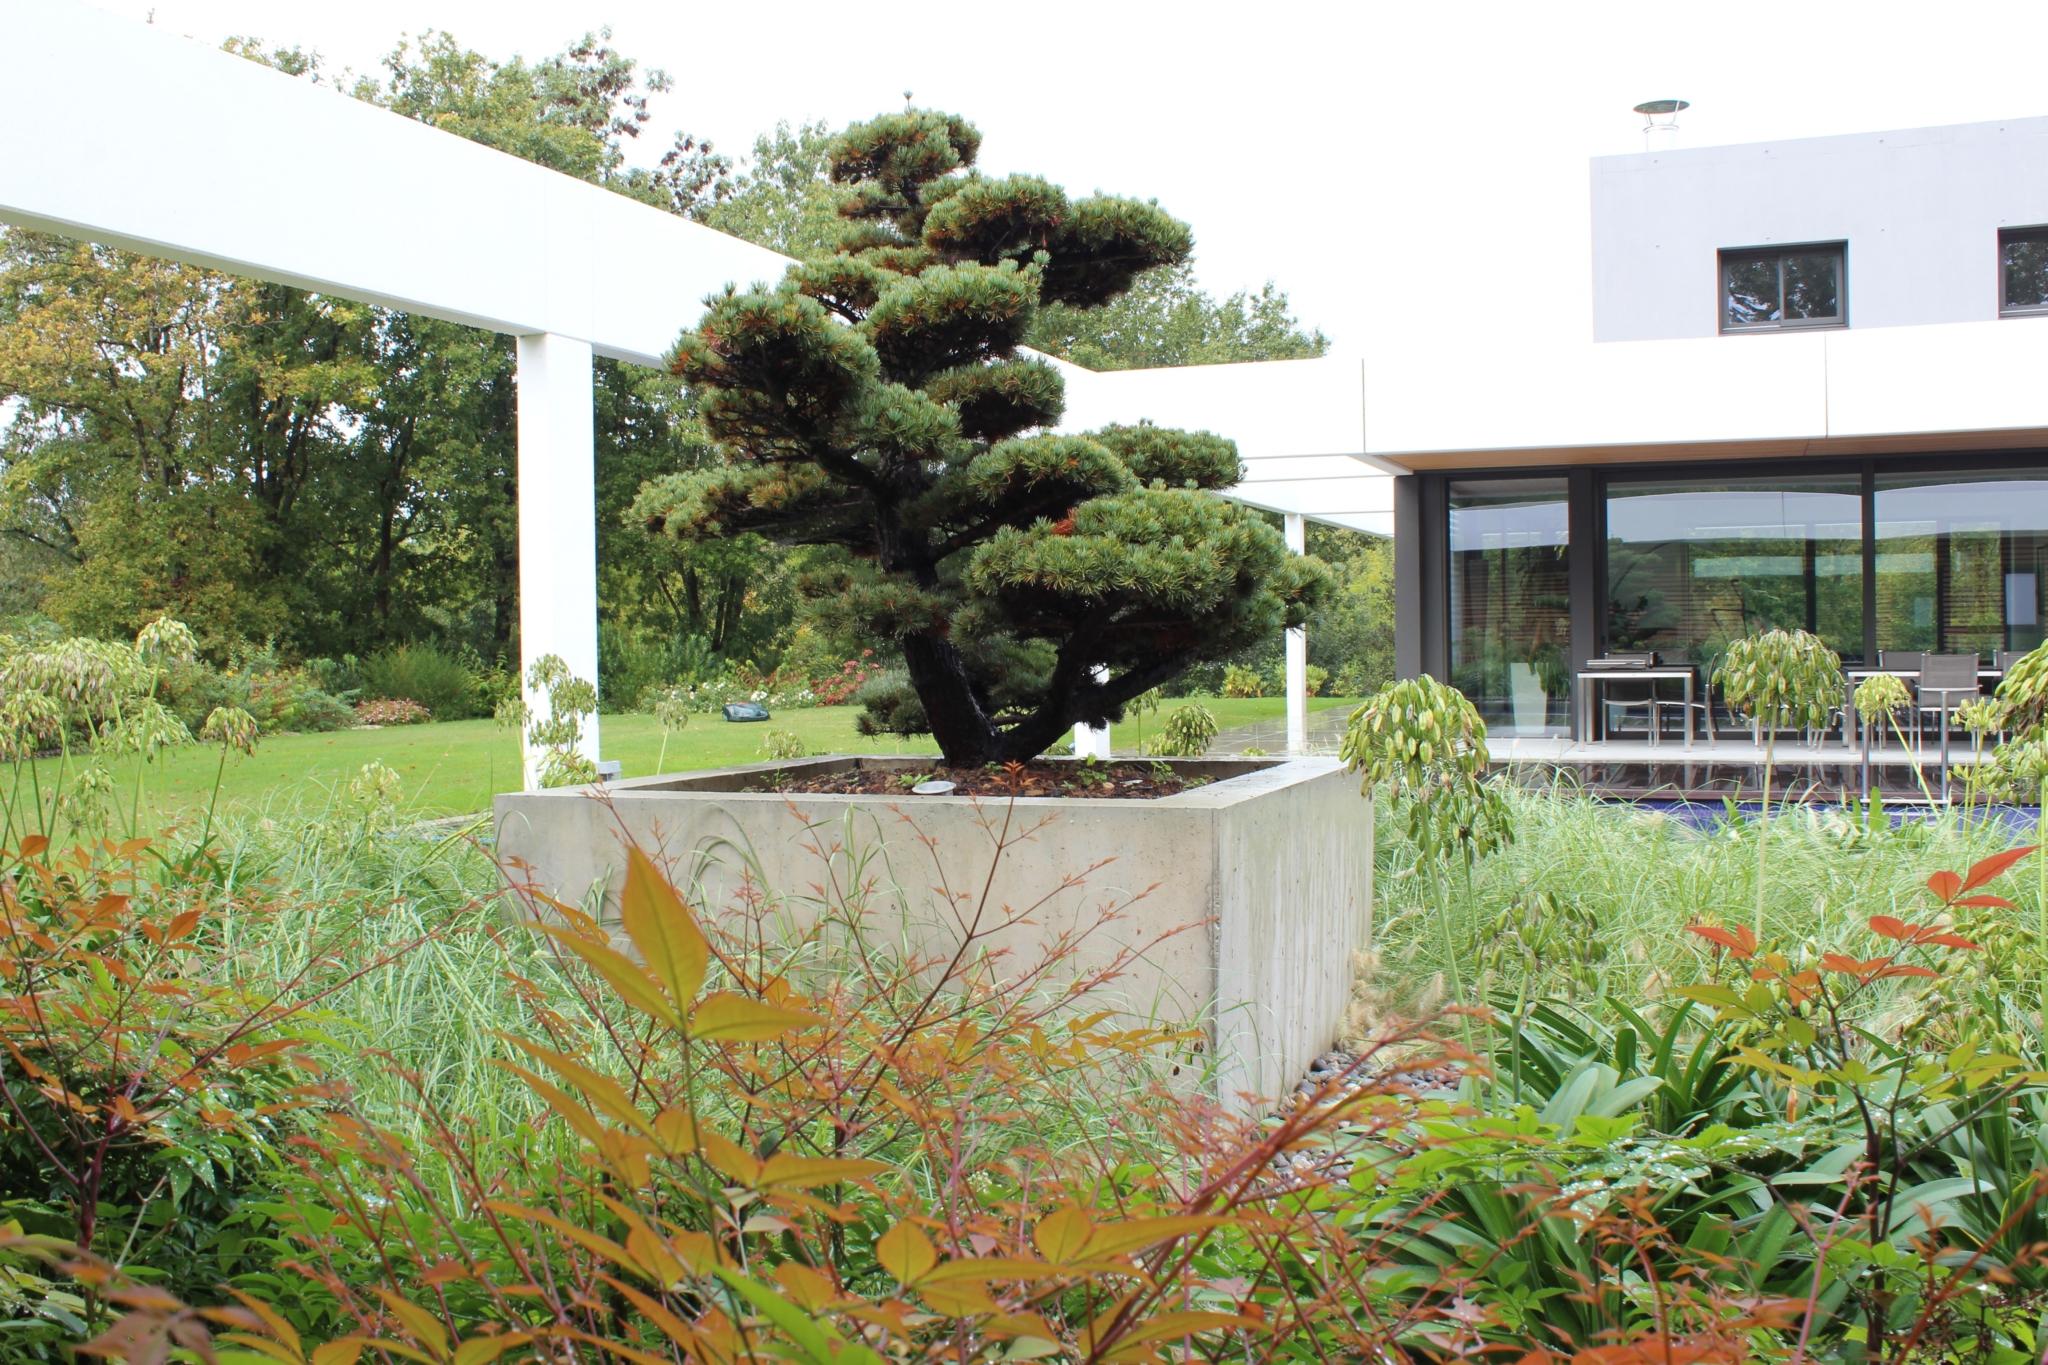 Plantations de beaux sujets marmin paysage for Entretien jardin vendee